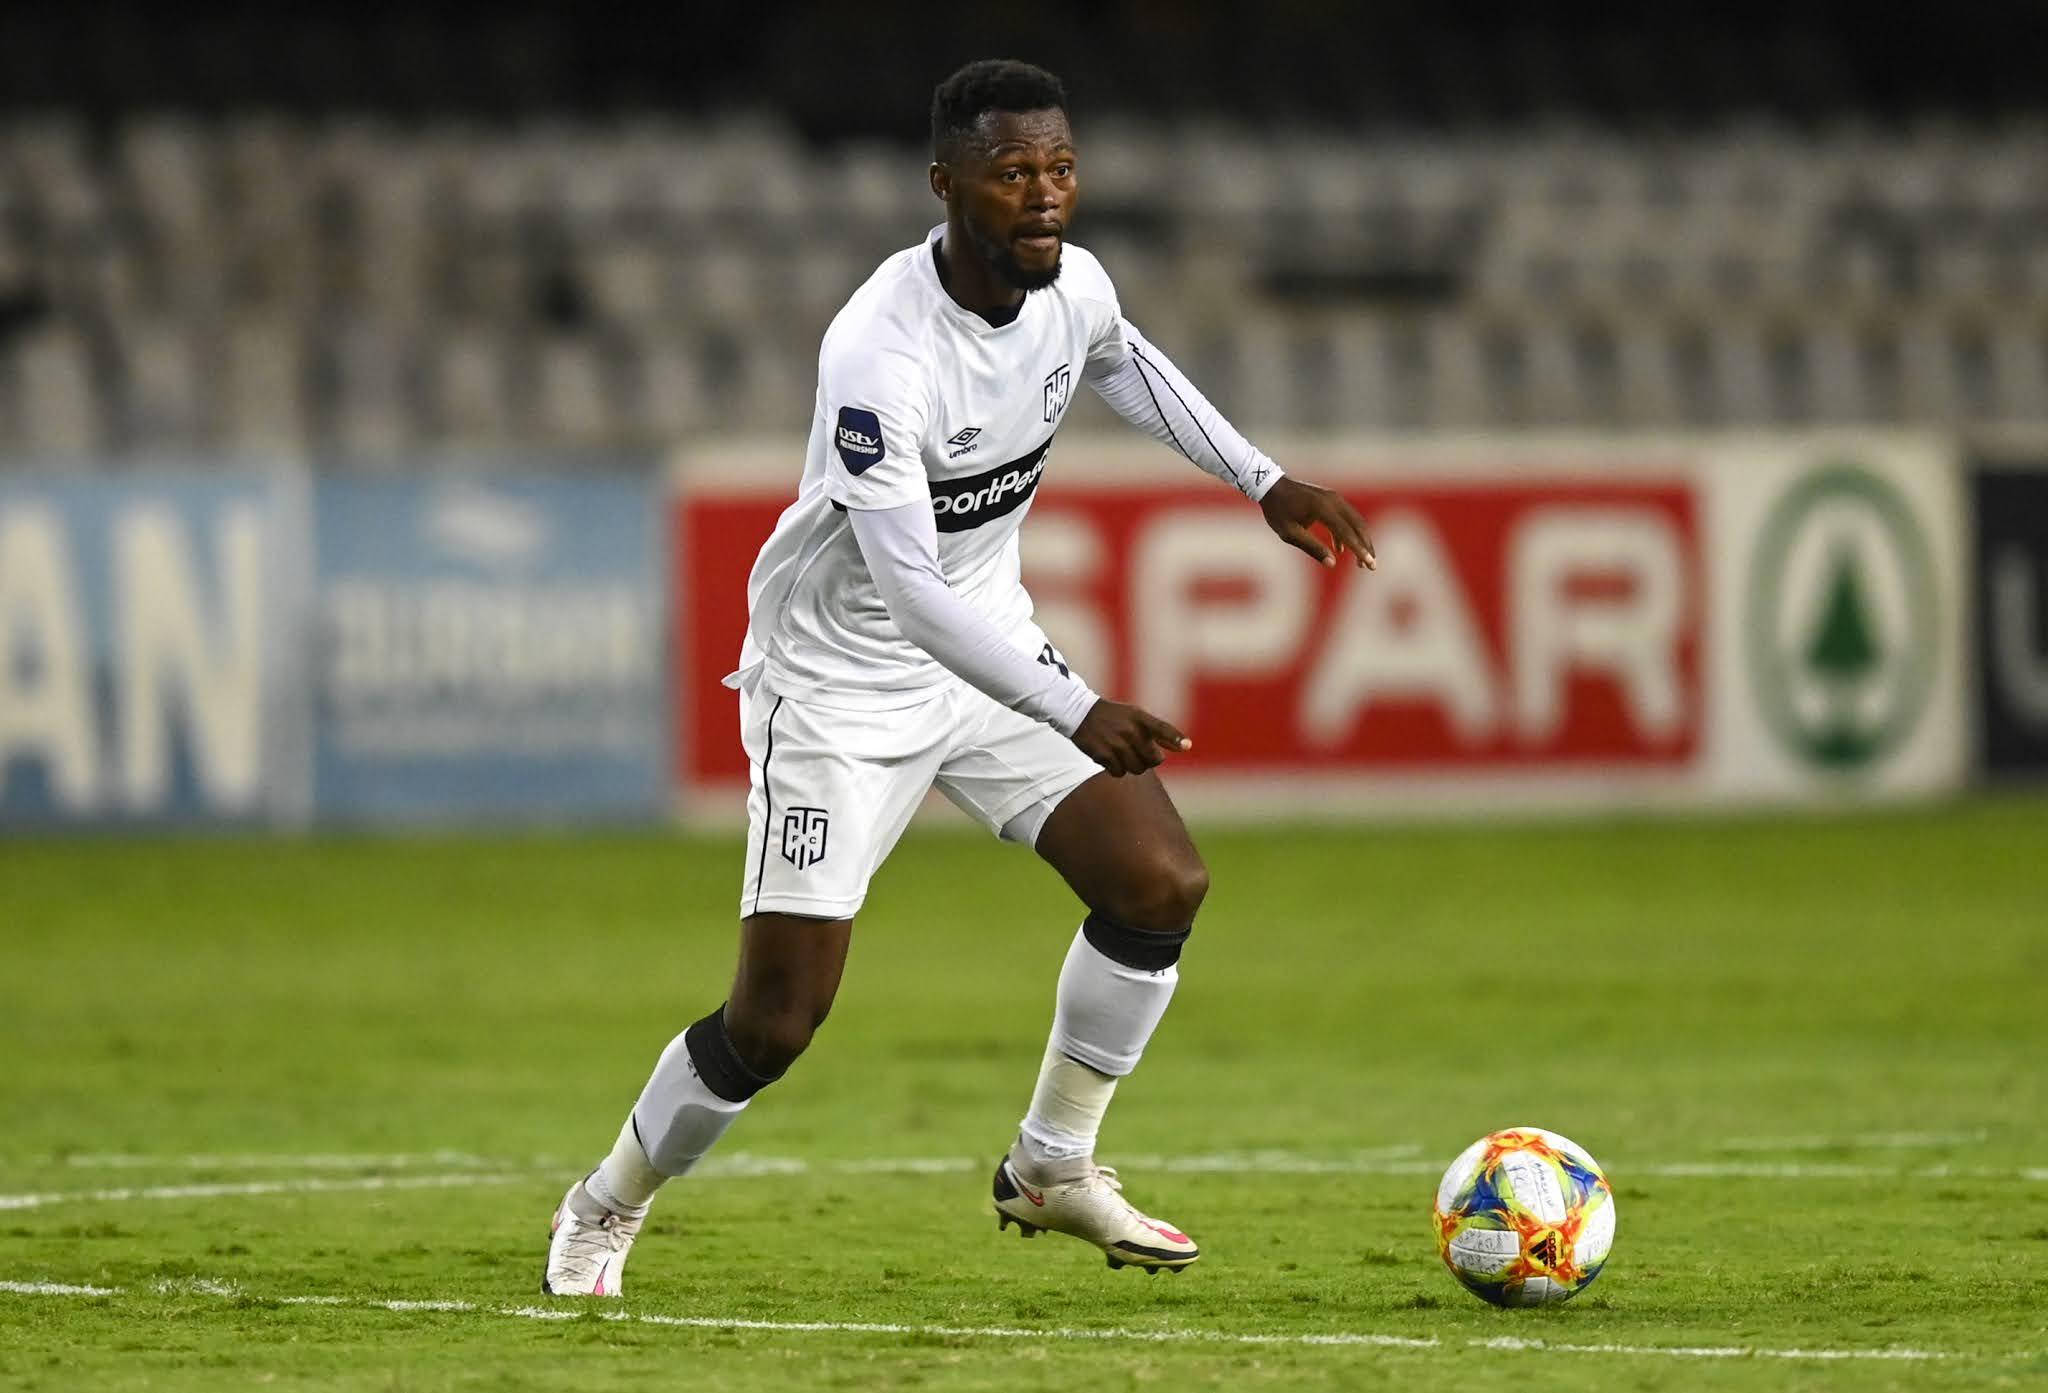 Cape Town City's midfield anchor Thato Mokeke